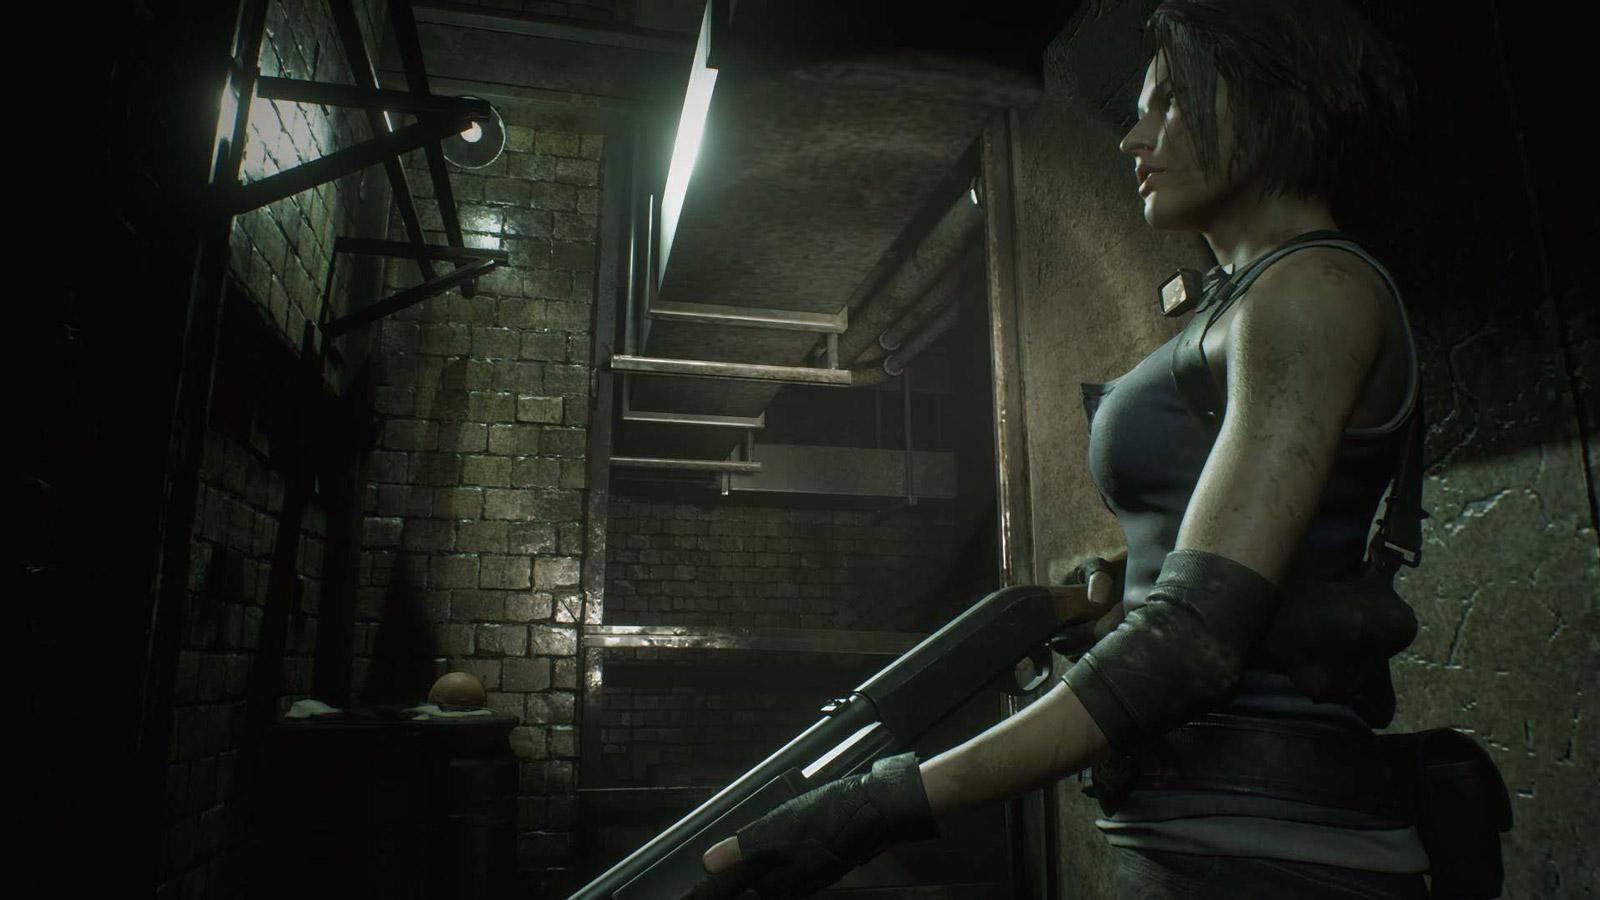 Free Resident Evil 3 Wallpaper in 1600x900